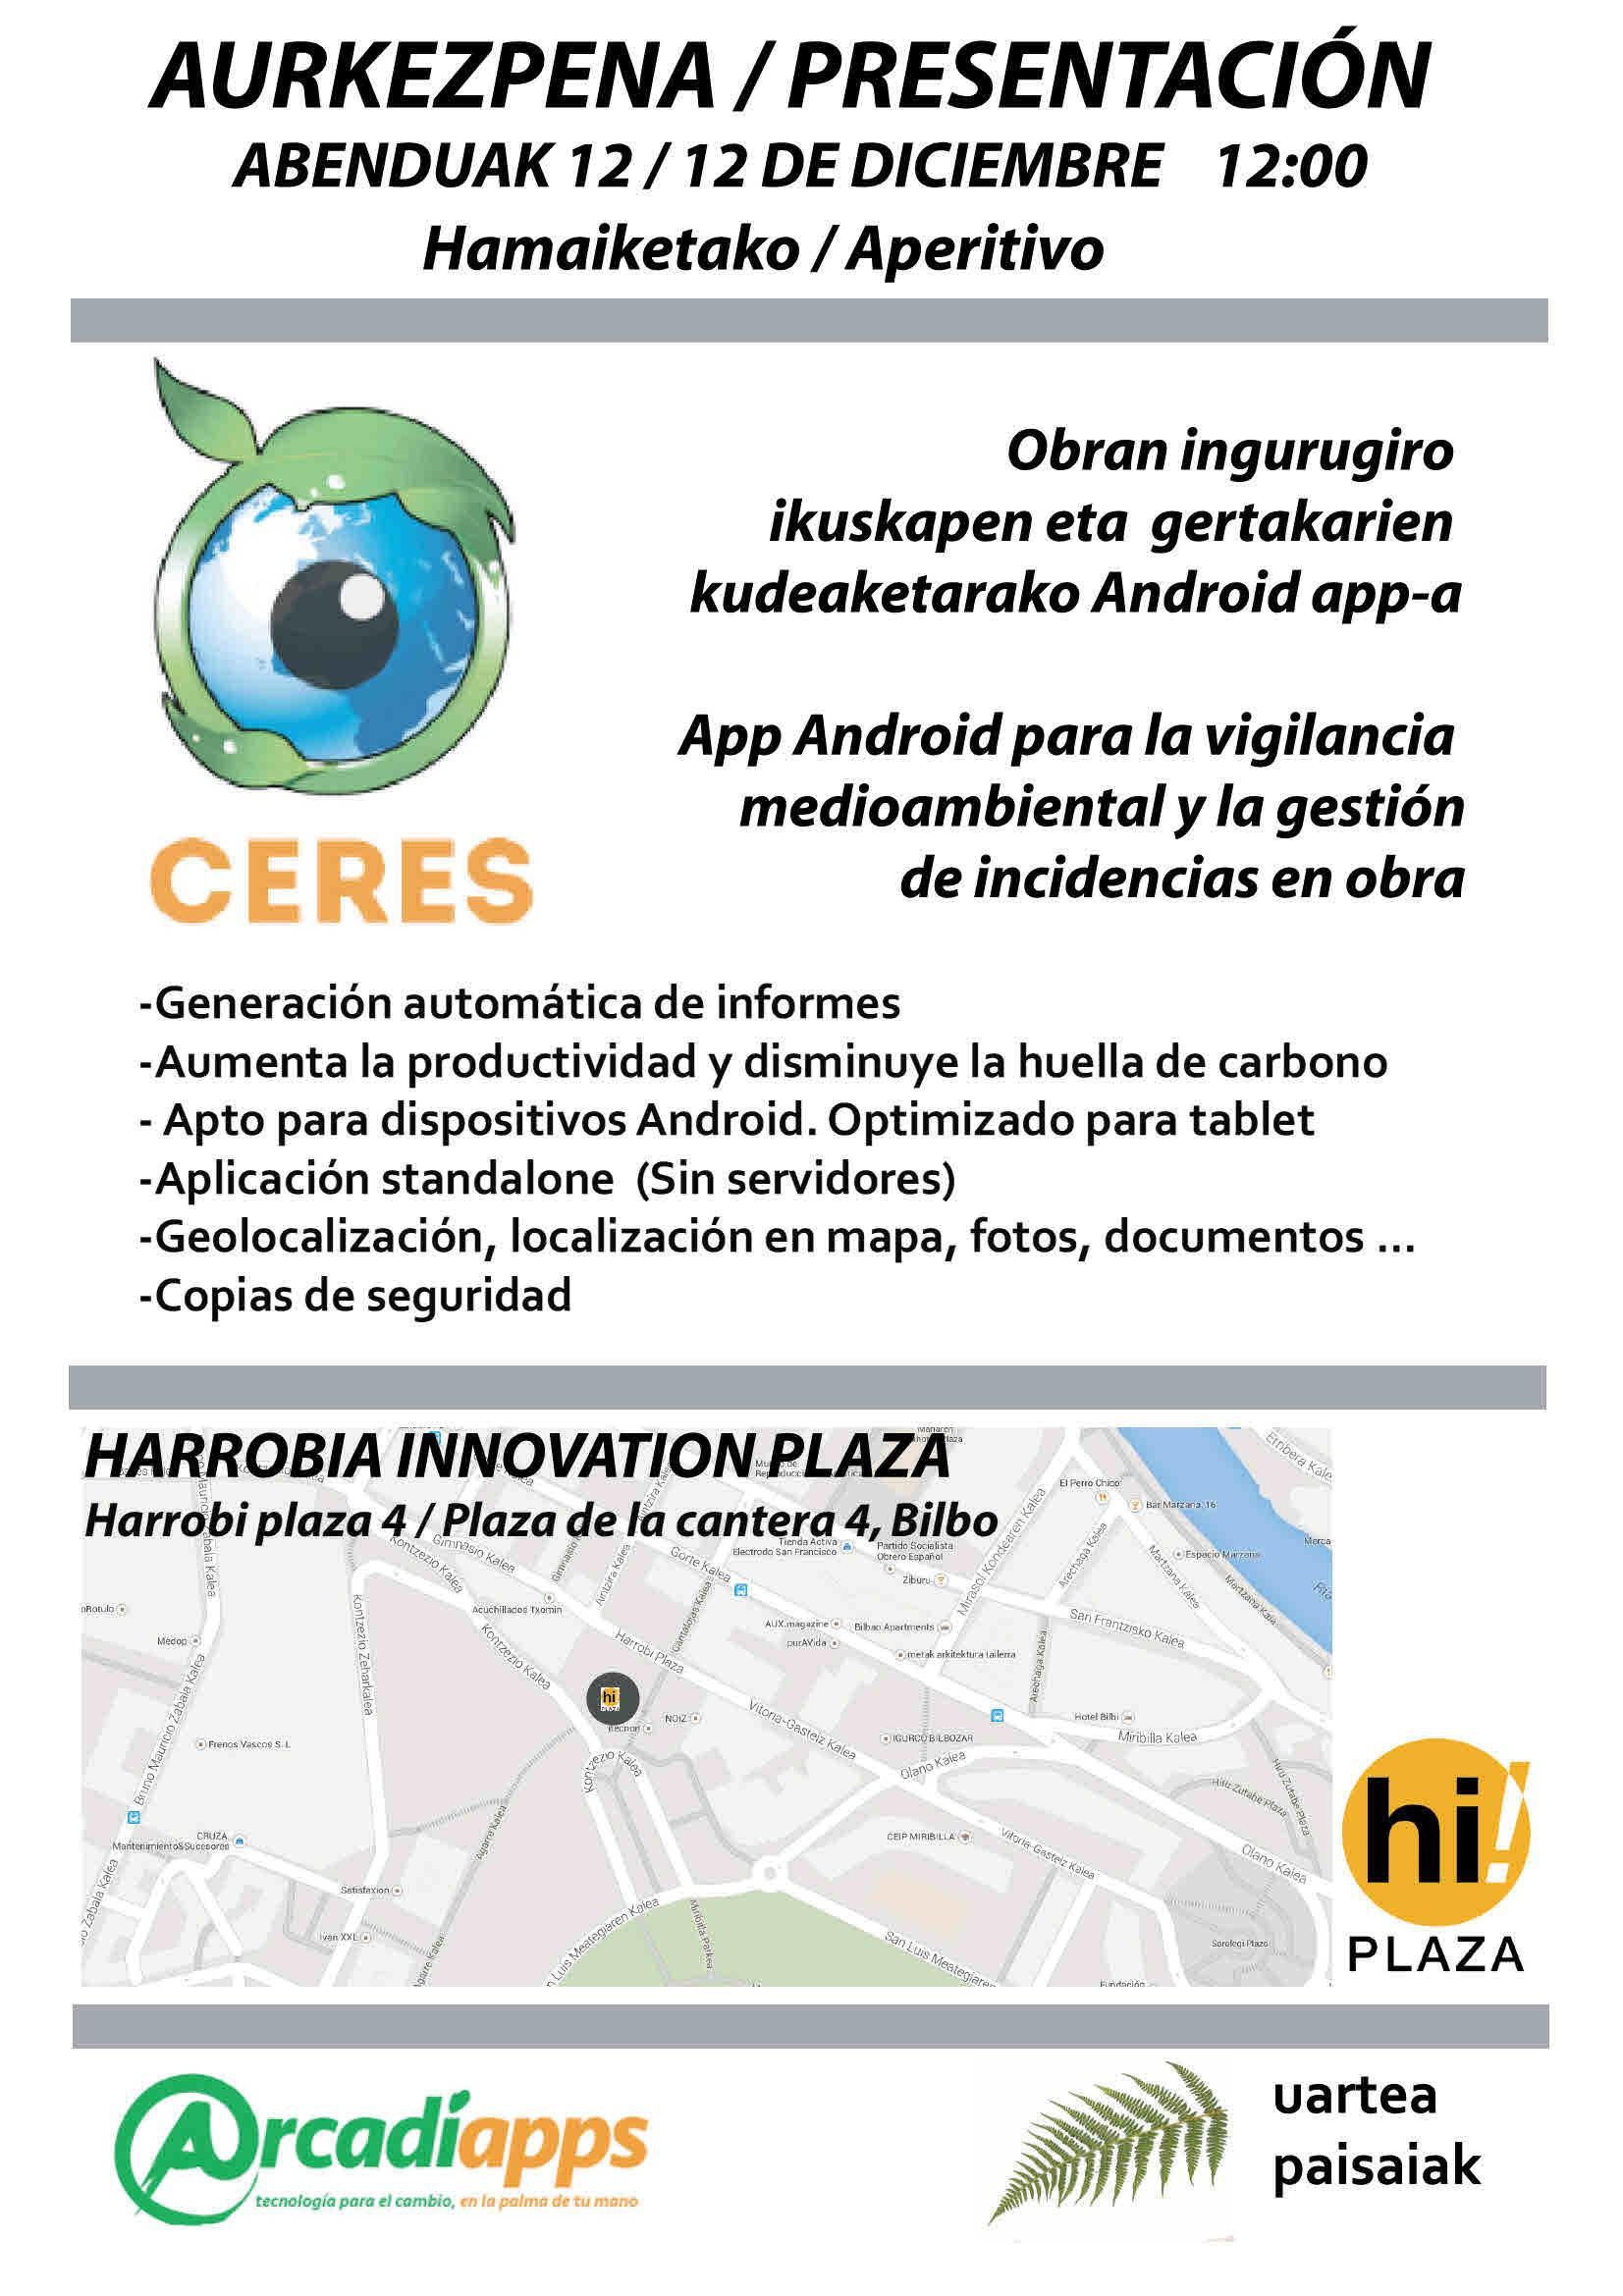 Presentación de CERES en hi!Plaza